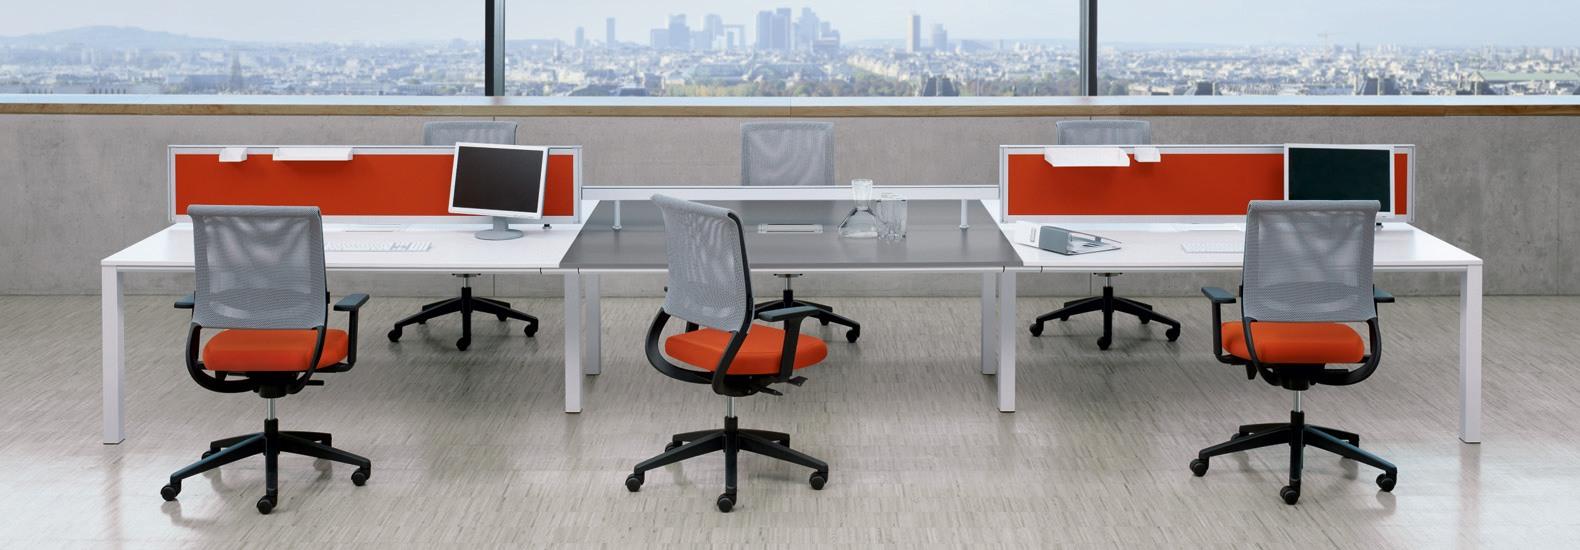 Konfigurieren Sie netwin von Sedus Seating bei office & objekt 42 um Ihr Büro perfekt auf Sie anzupassen!